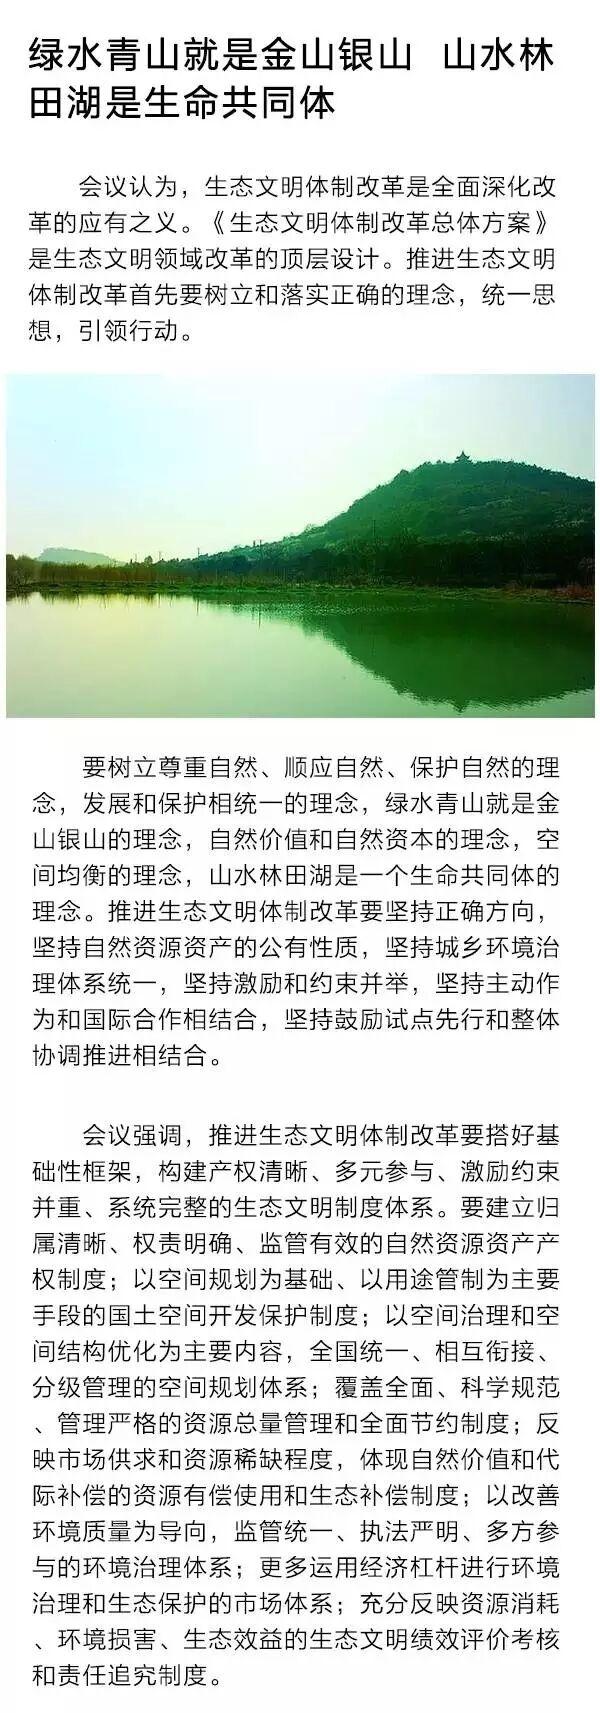 习近平主持政治局会议:尊重自然 顺应自然 保护自然